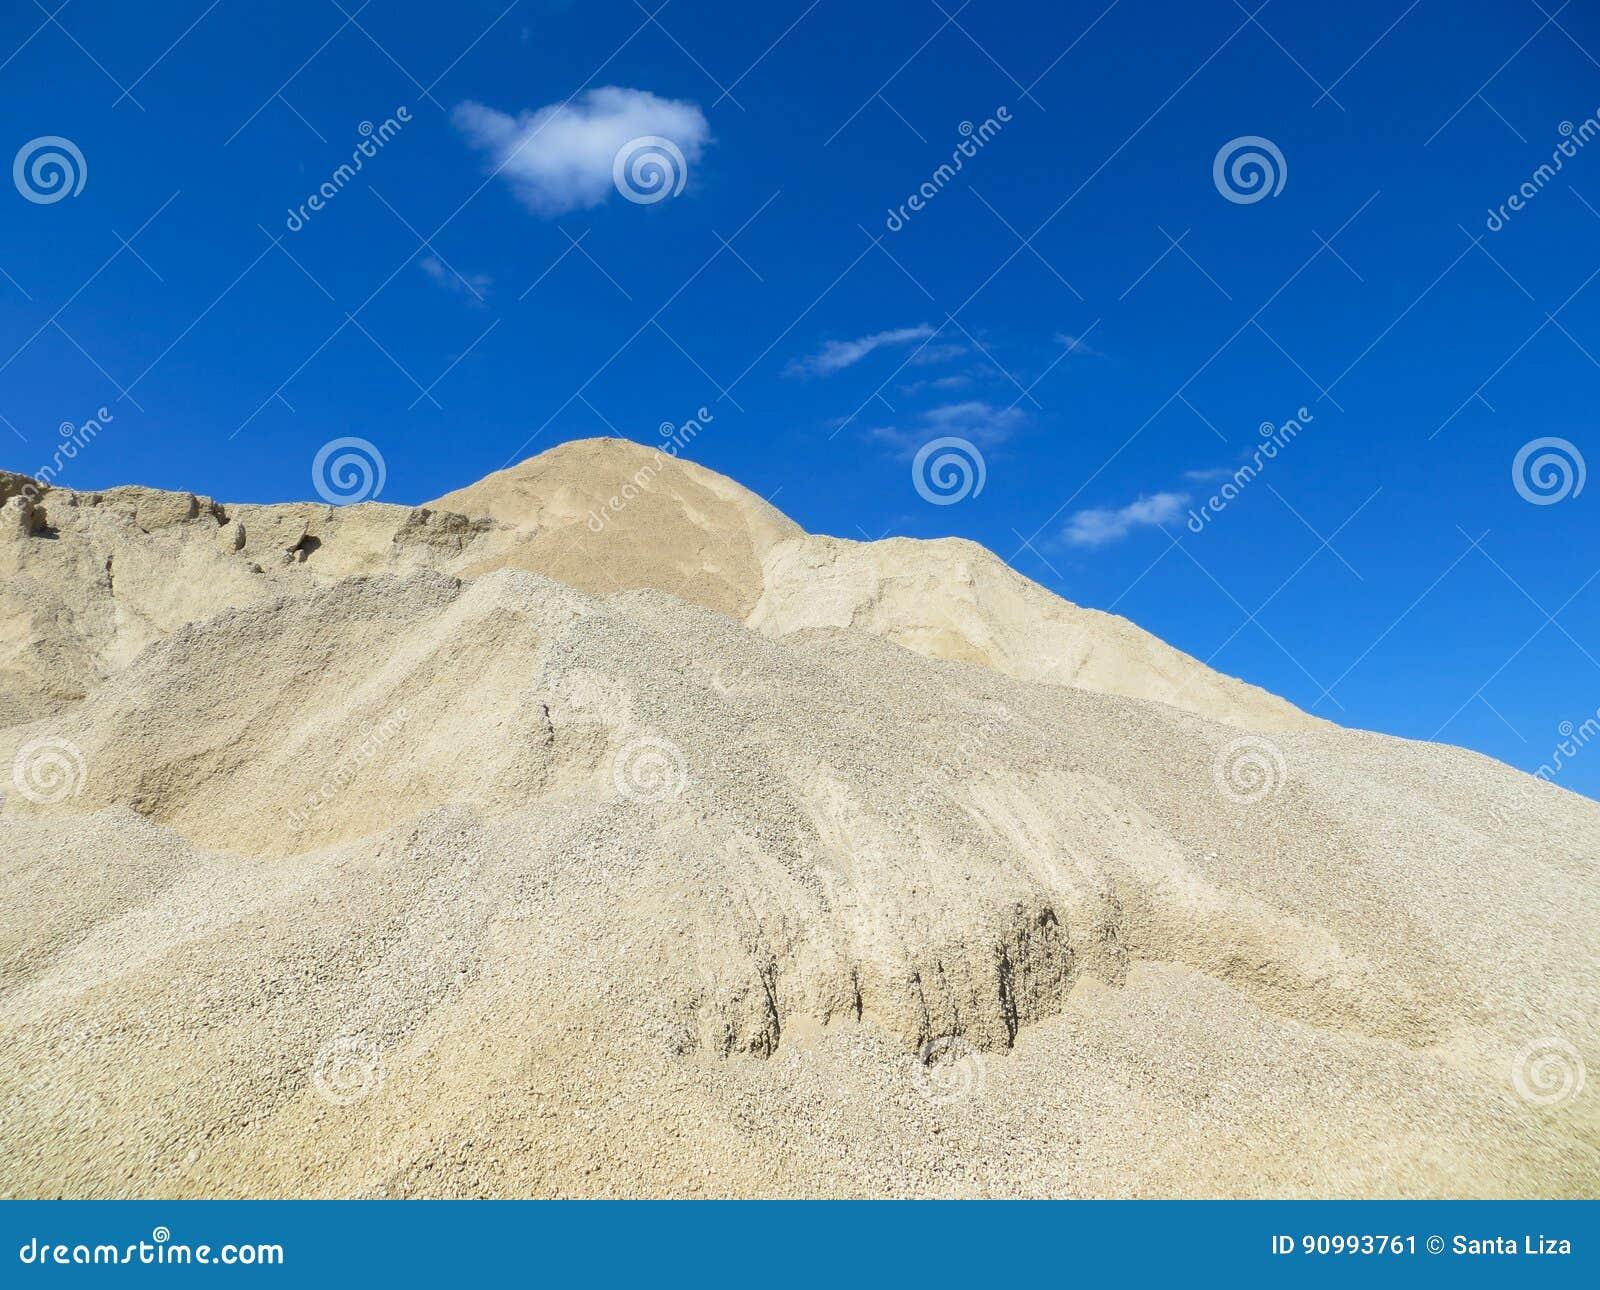 Αμμοχάλικο προς το μπλε ουρανό